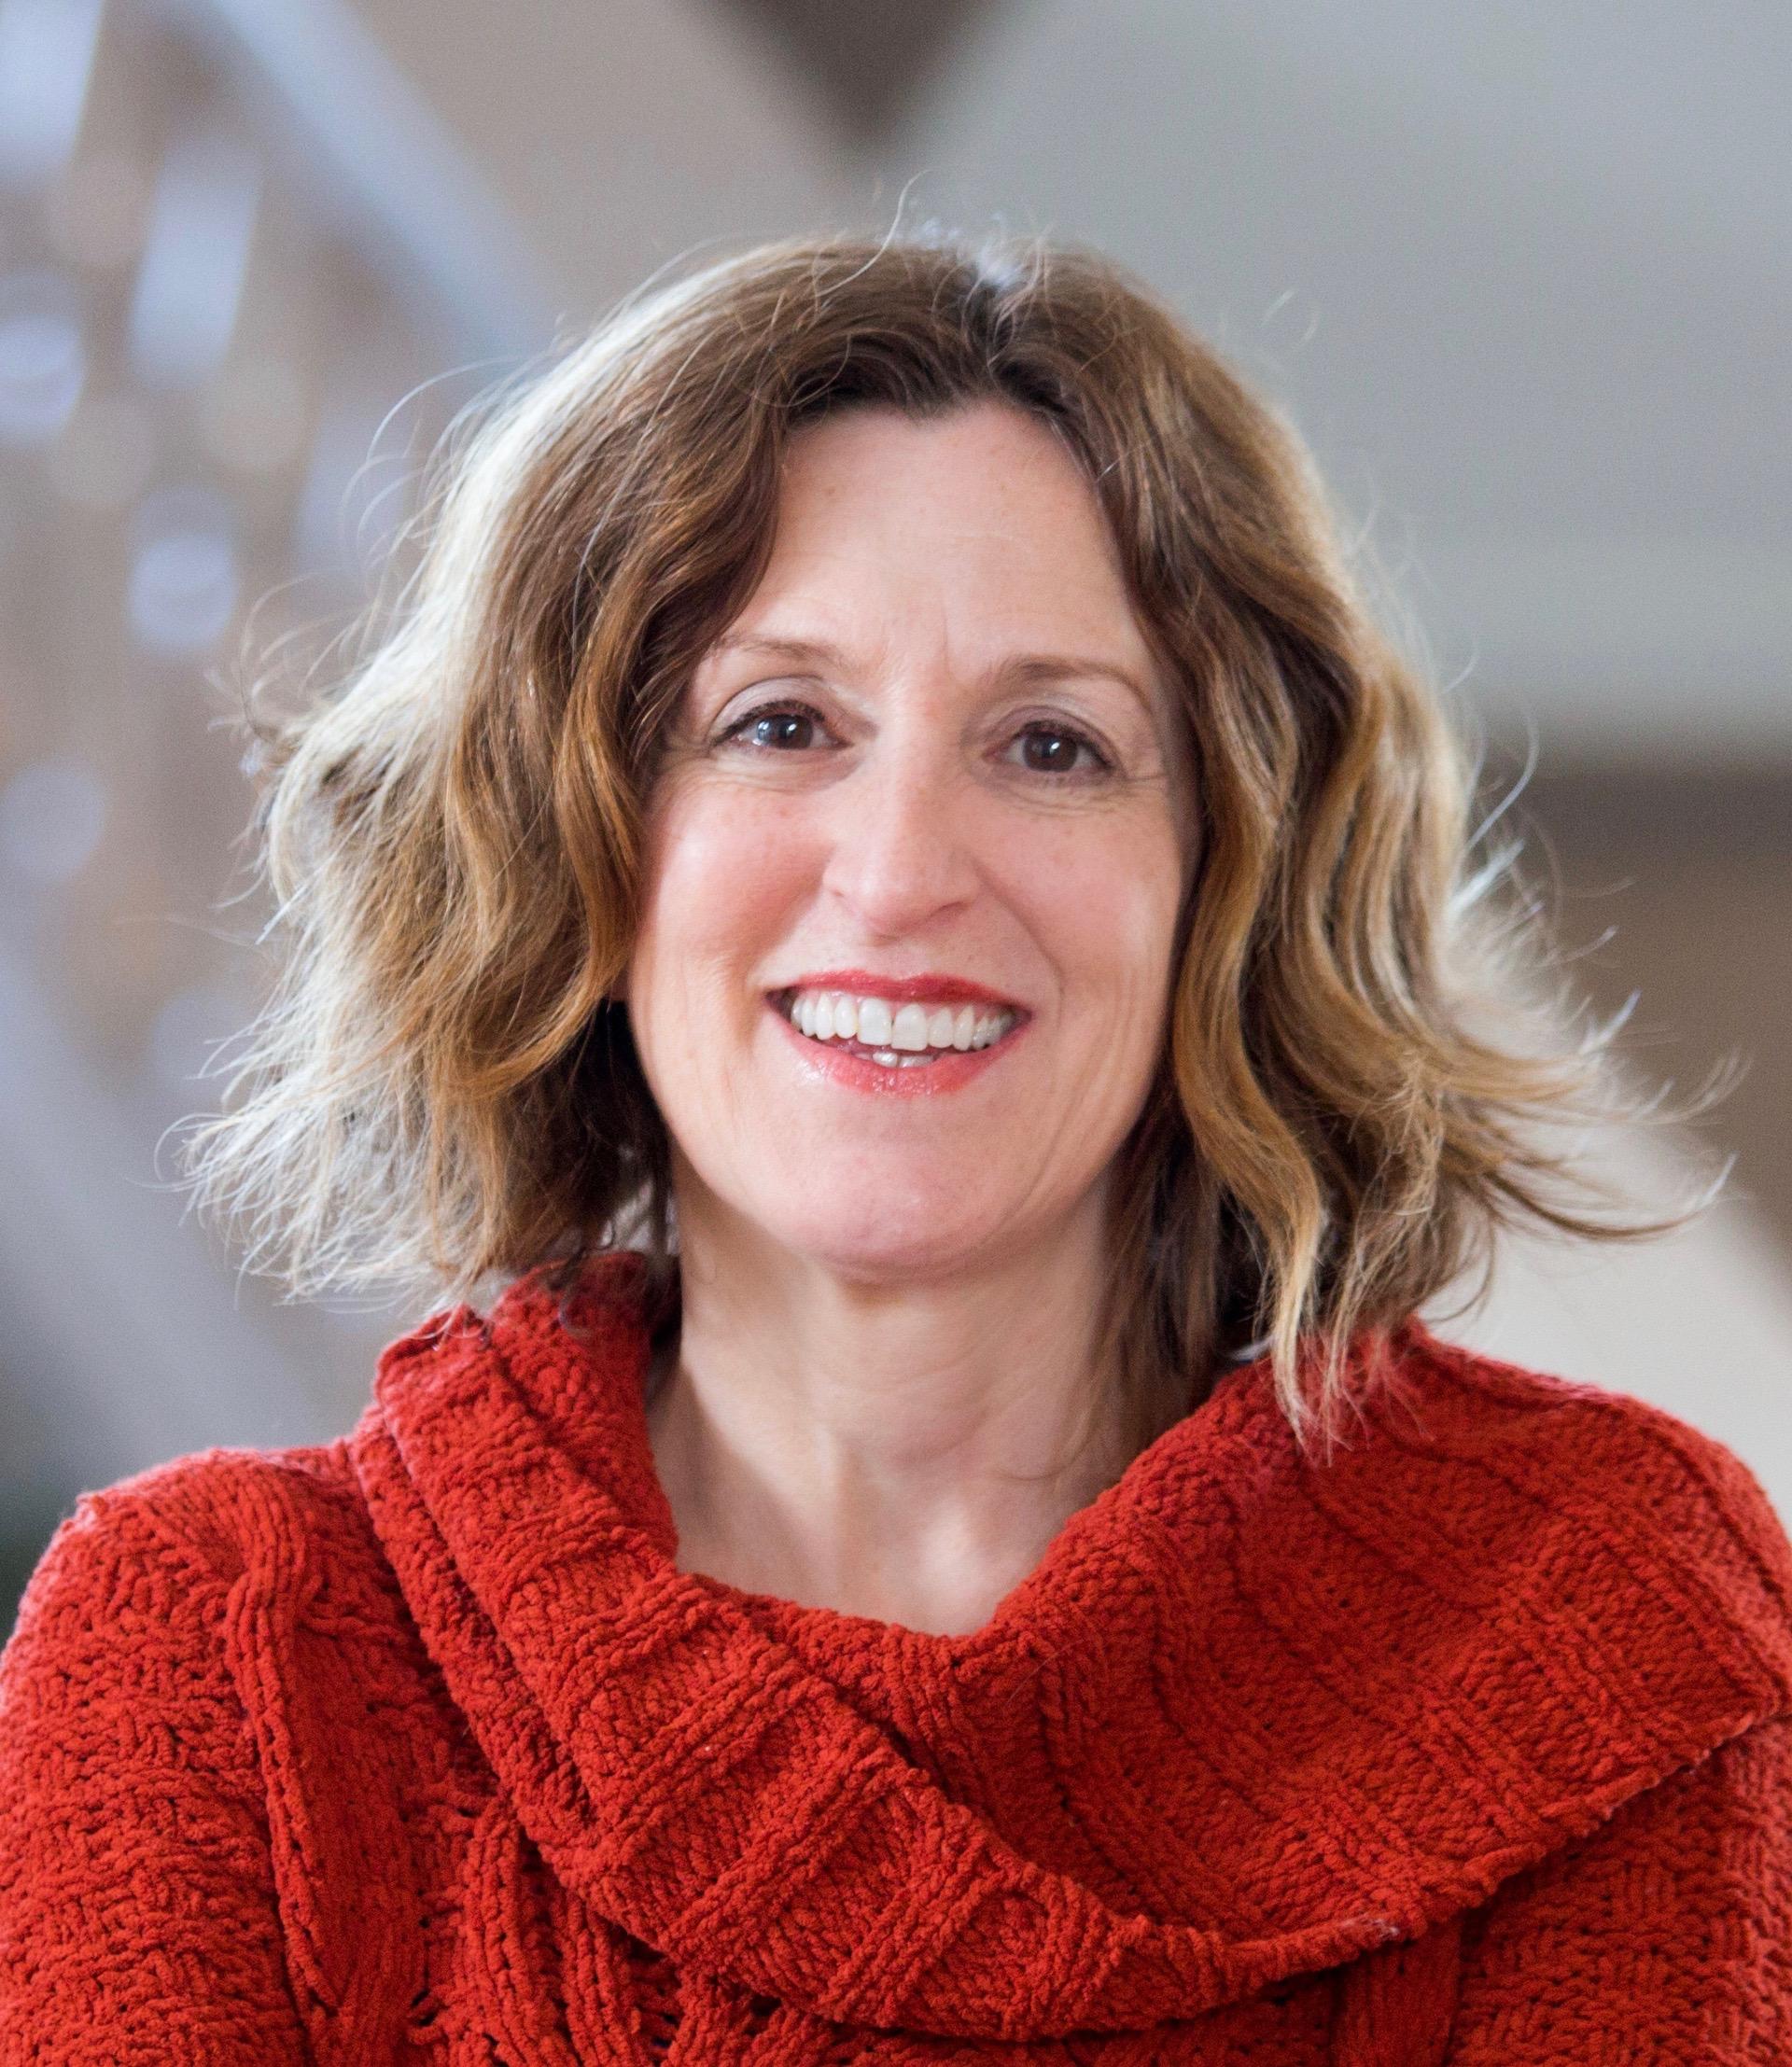 Photo of Dr. Abigail Gewirtz.